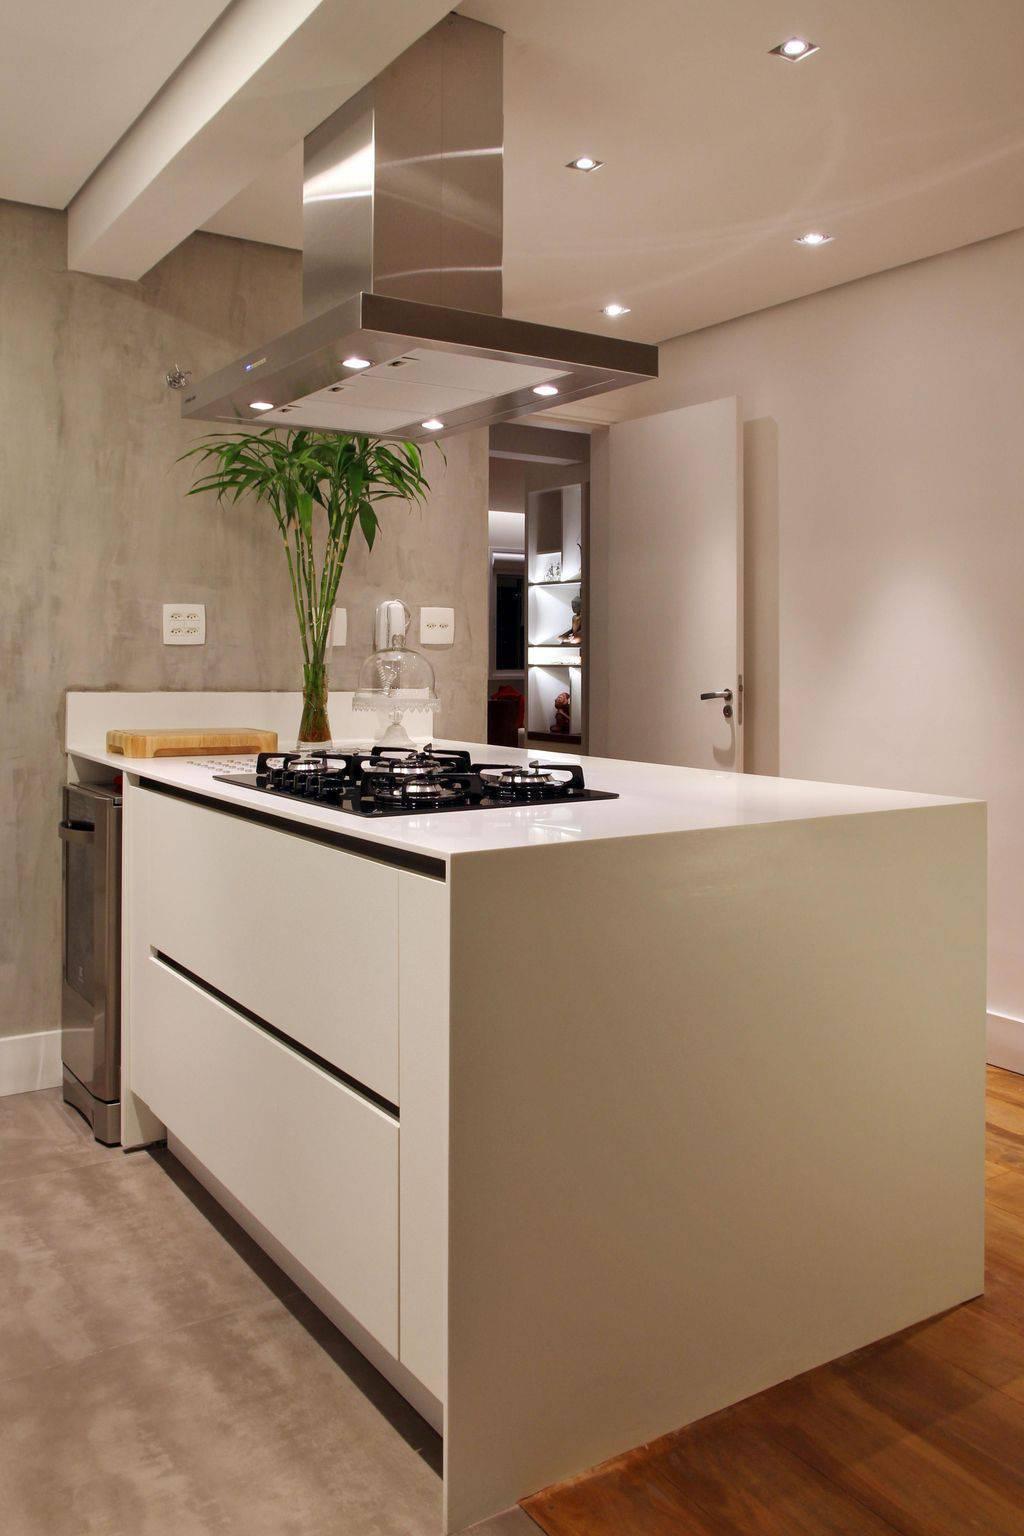 cozinha planejada com cooktop dw andrea k diaferia ornare 21197